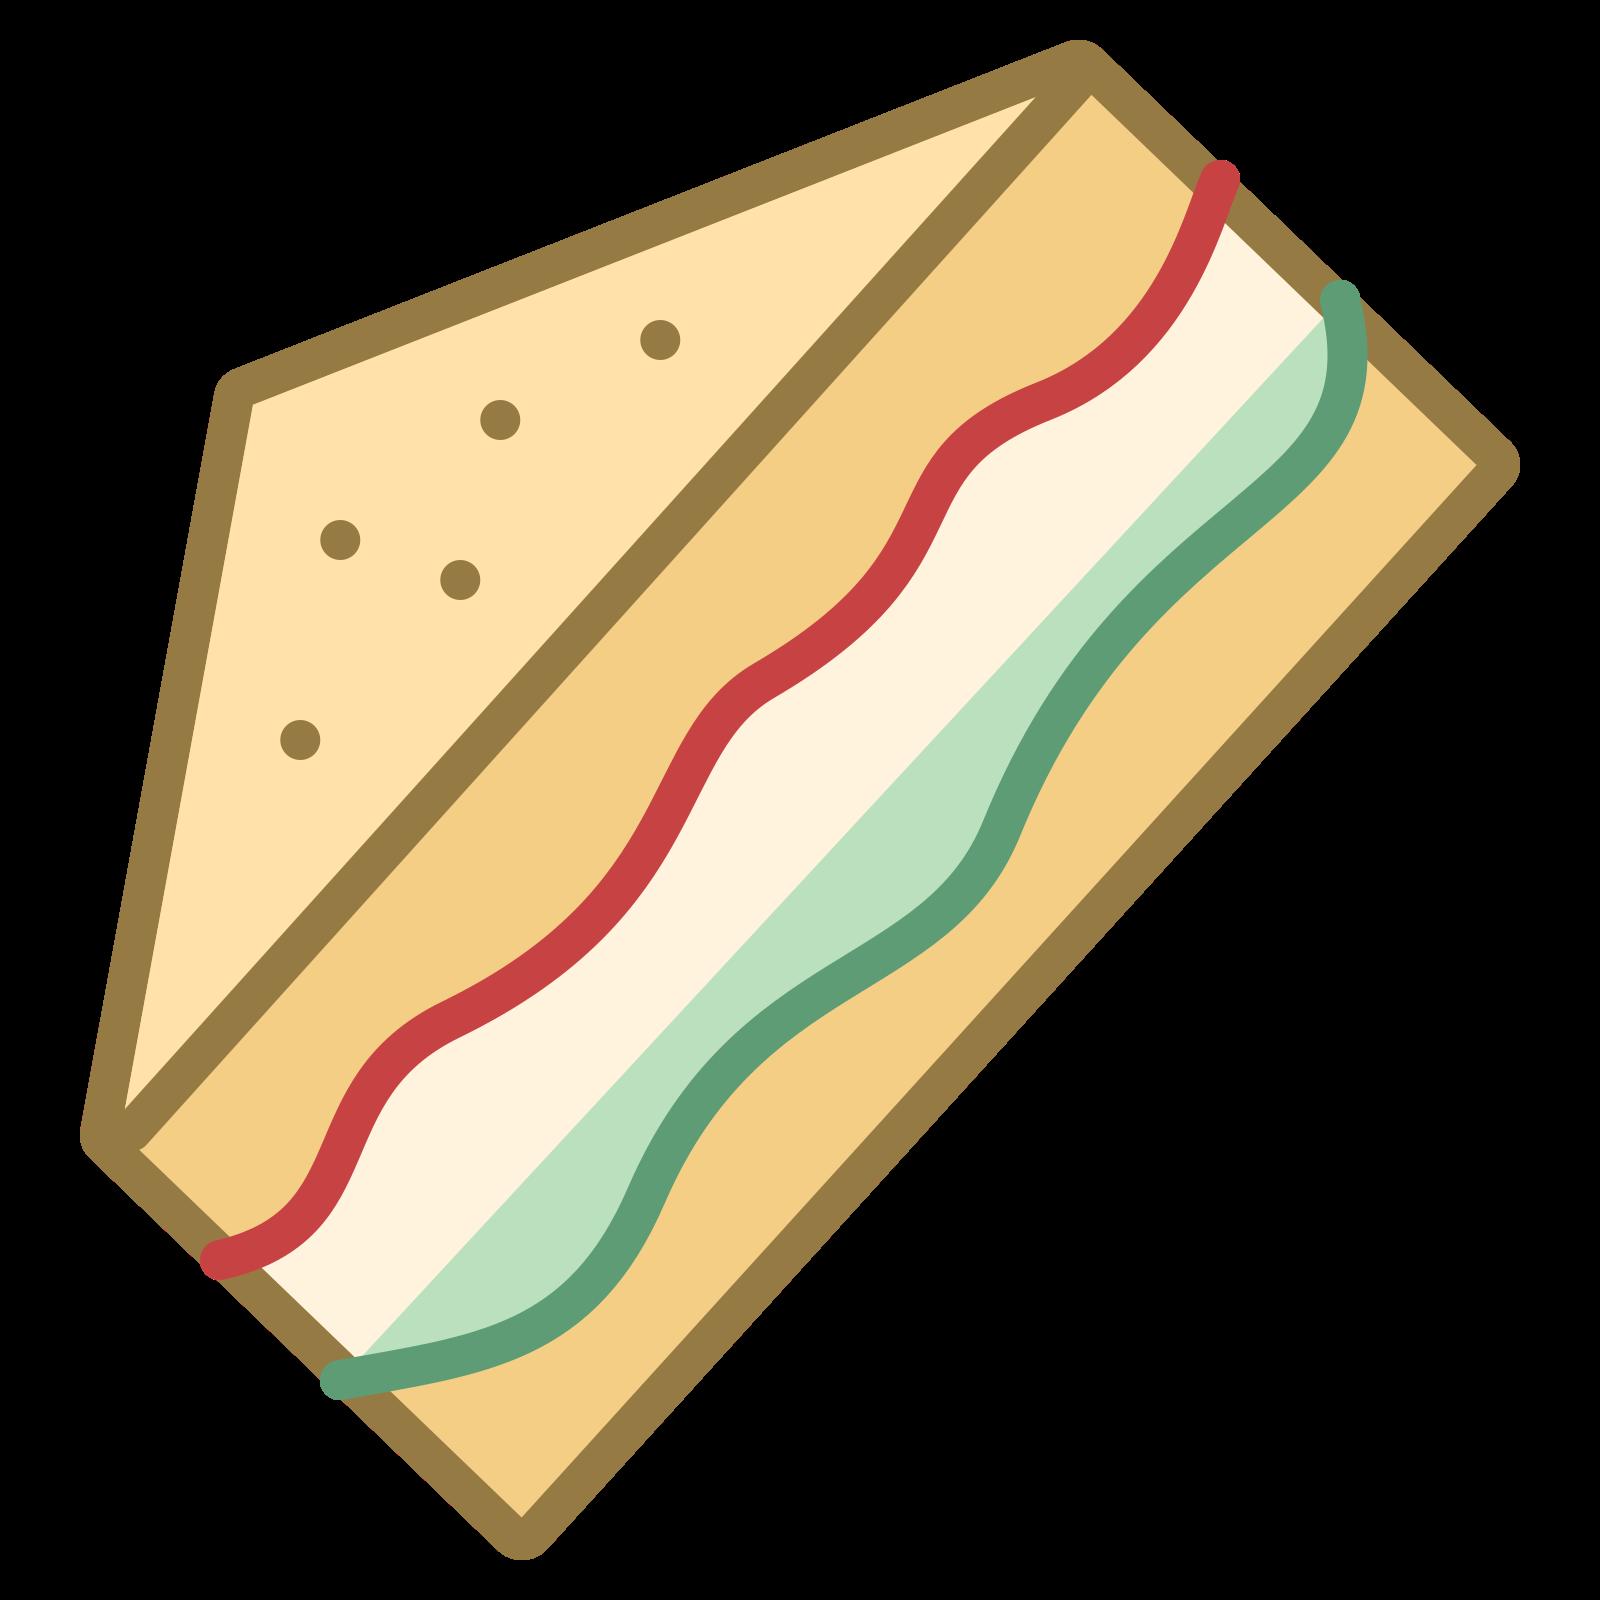 kanapka icon